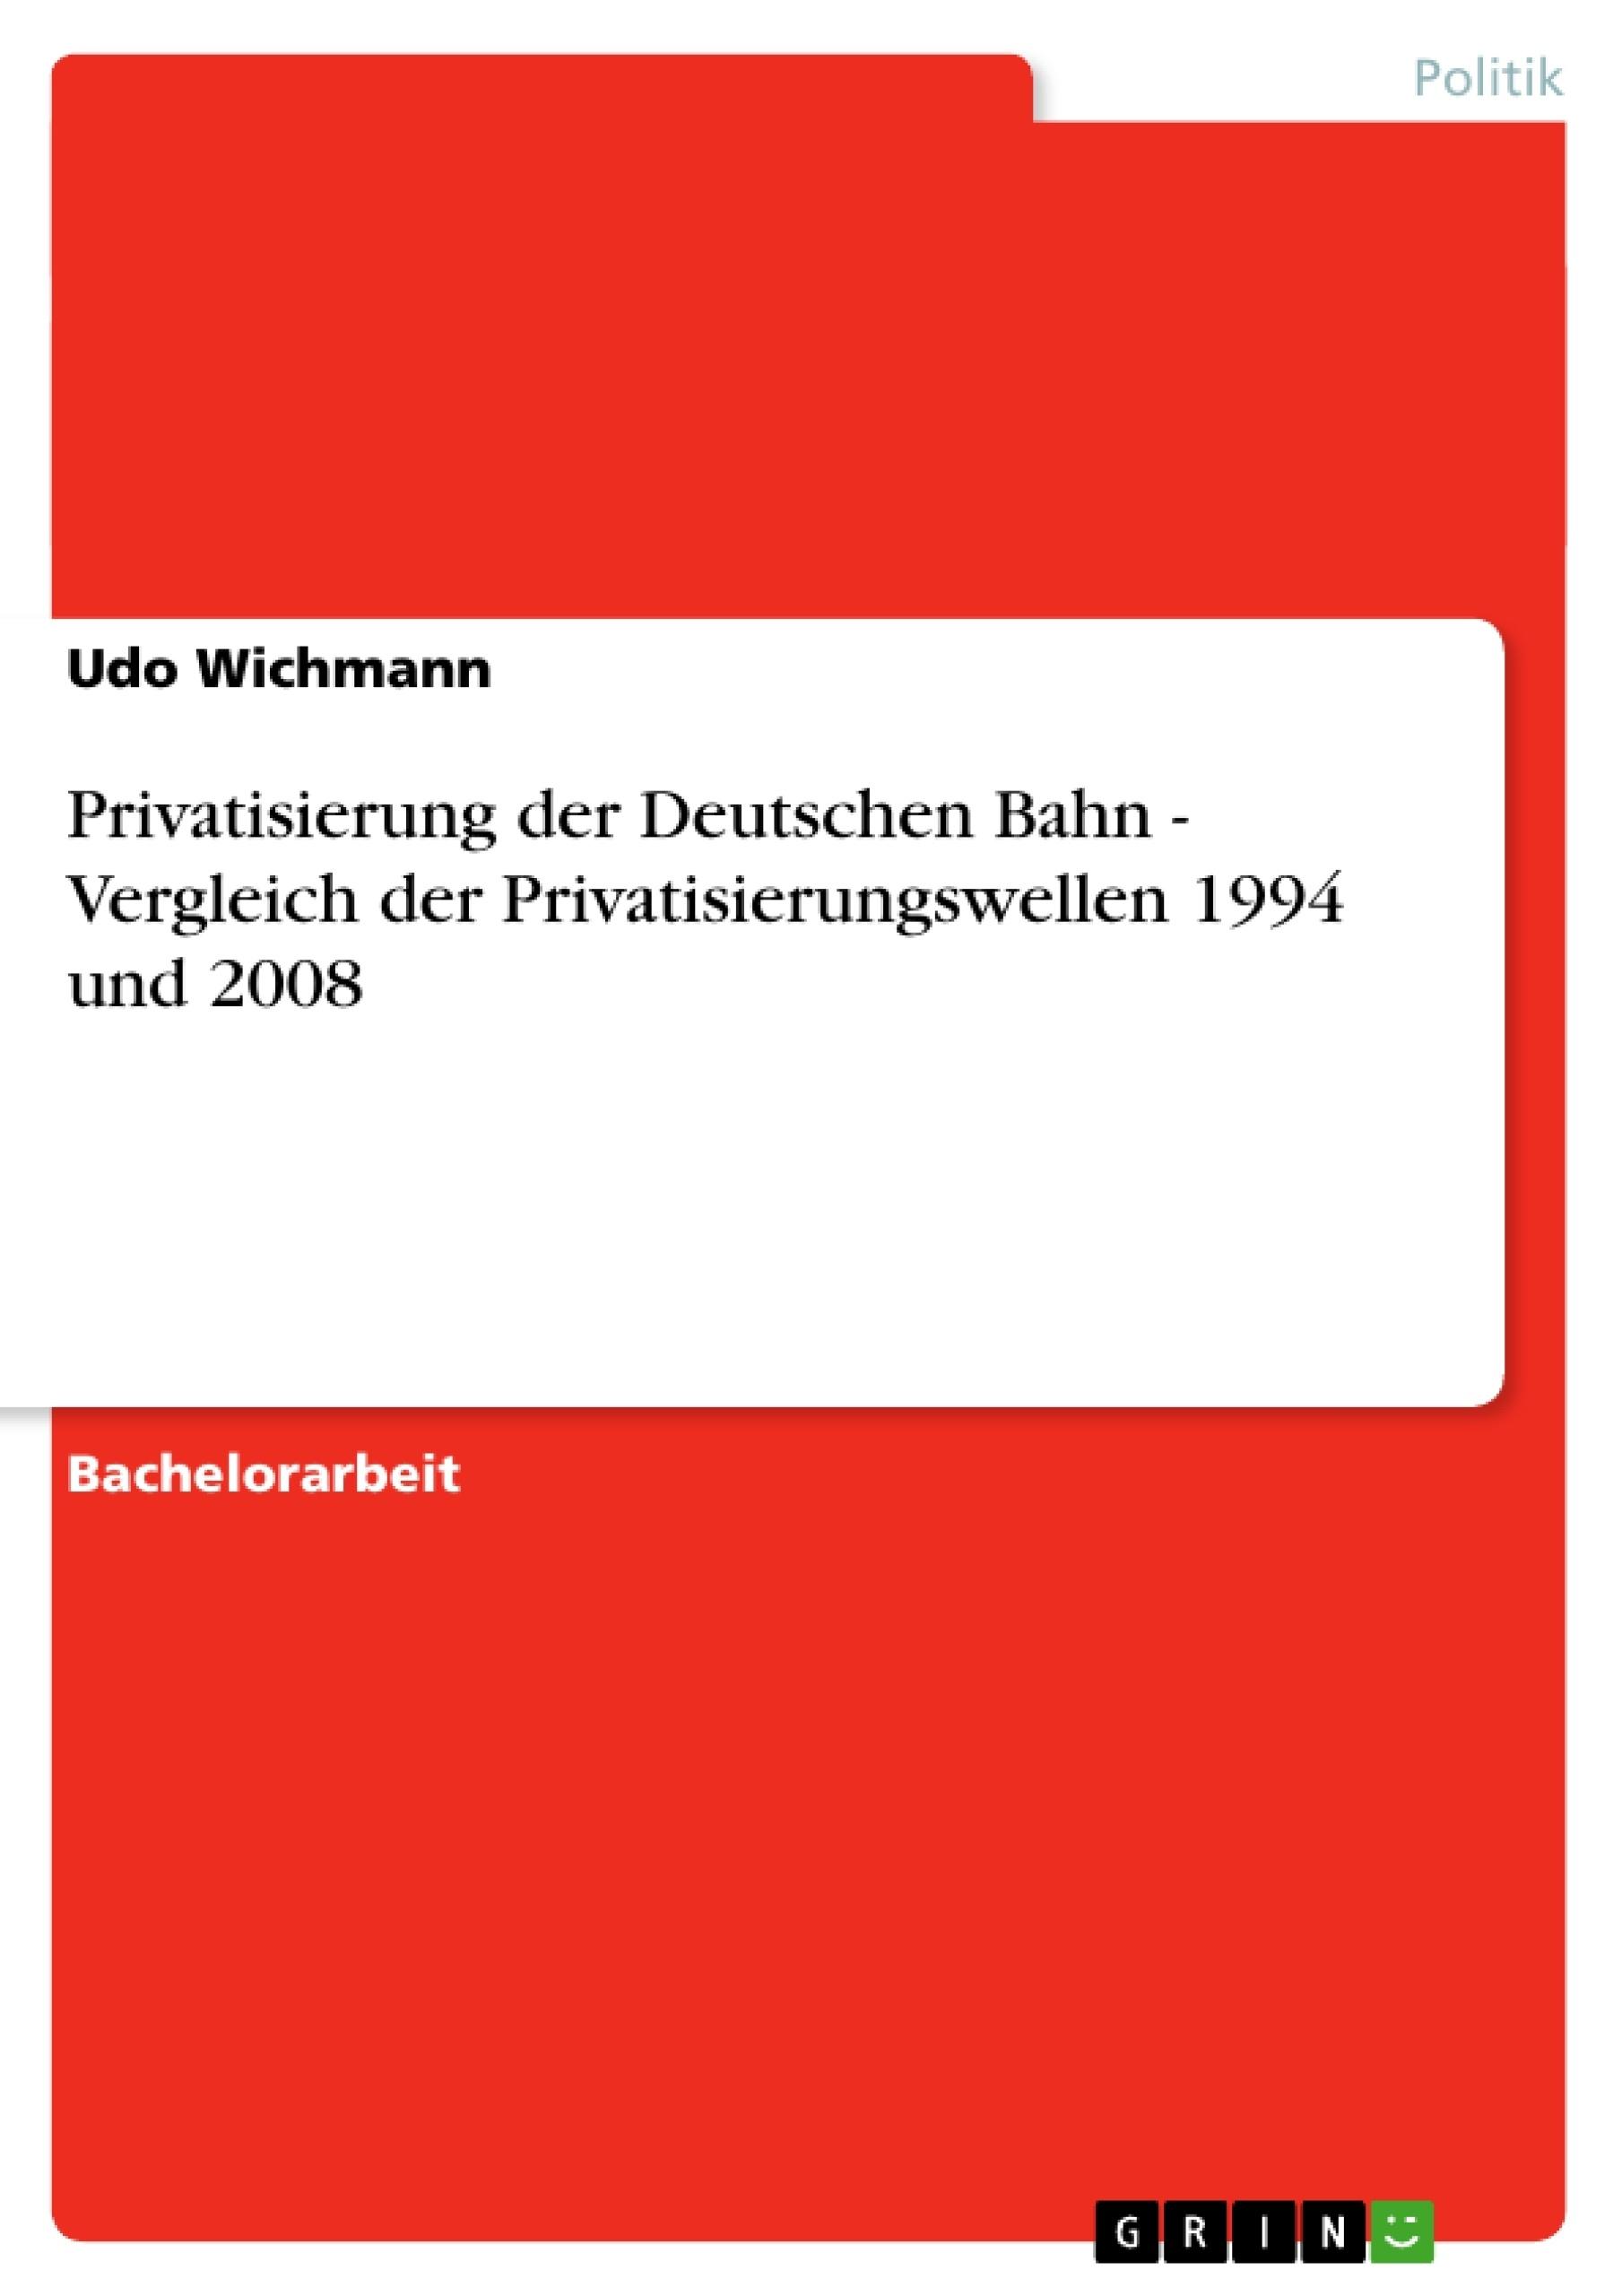 Titel: Privatisierung der Deutschen Bahn - Vergleich der Privatisierungswellen 1994 und 2008